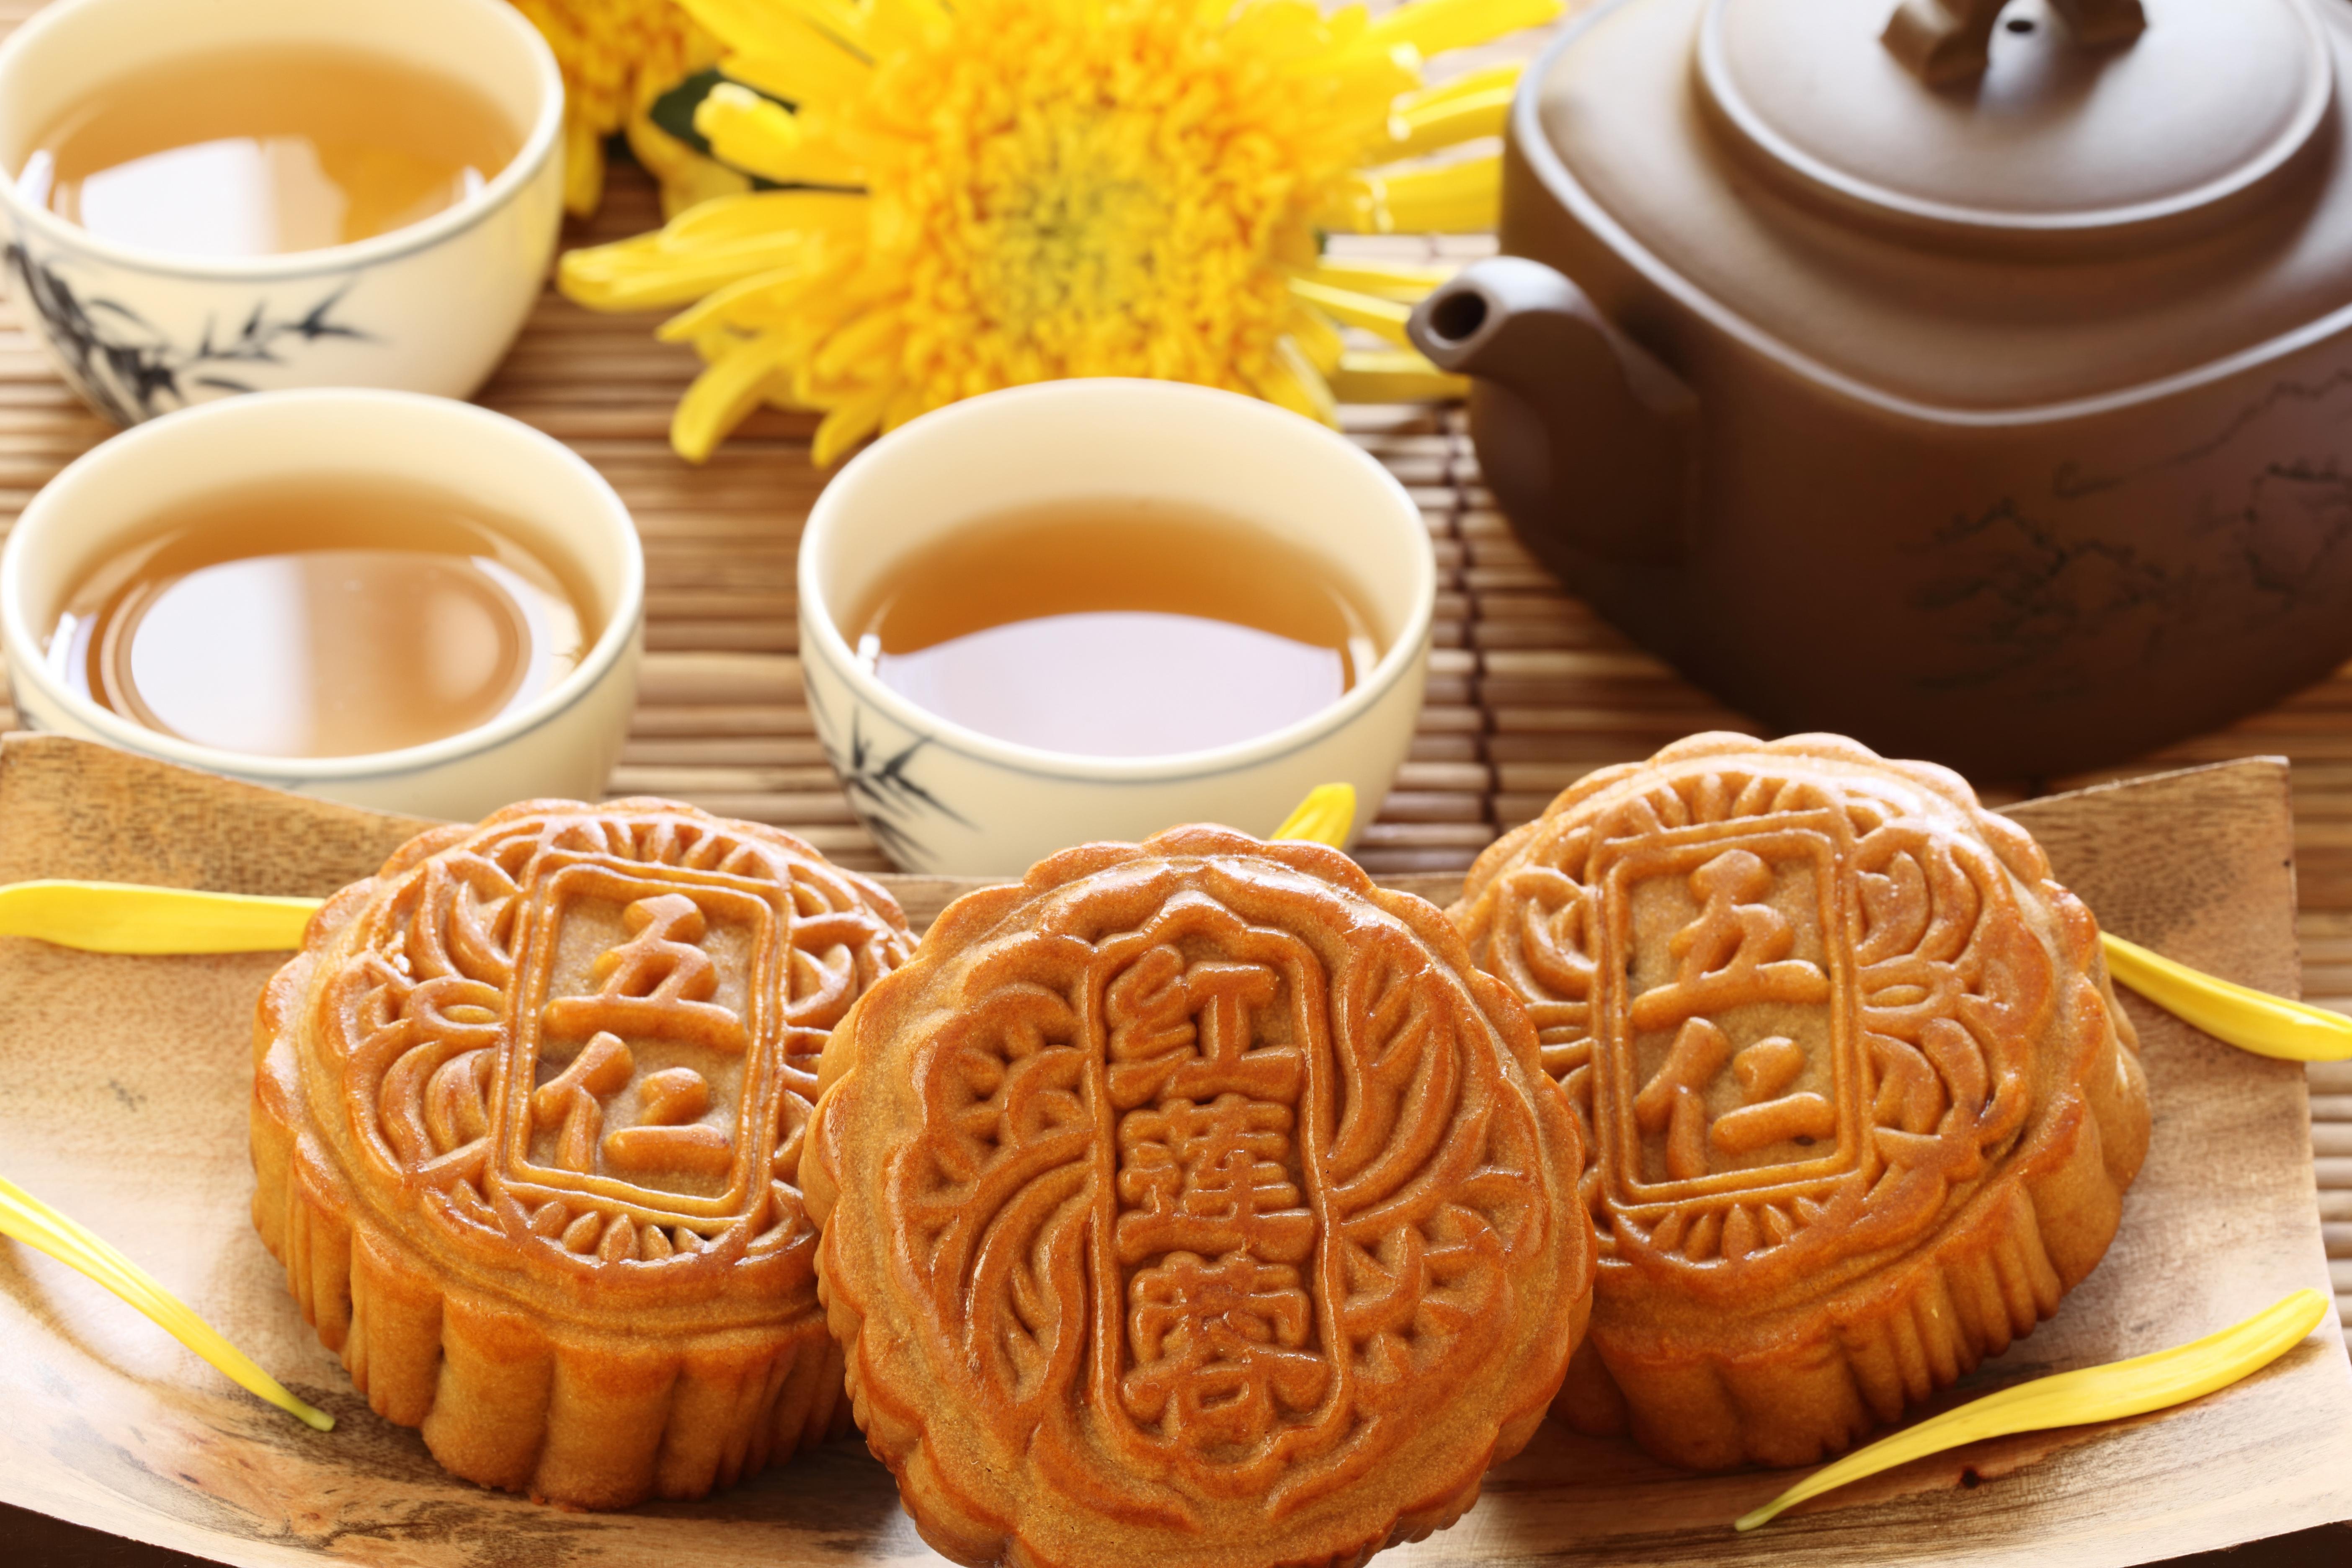 хлеб чай кружка чайник масло  № 2118856 загрузить